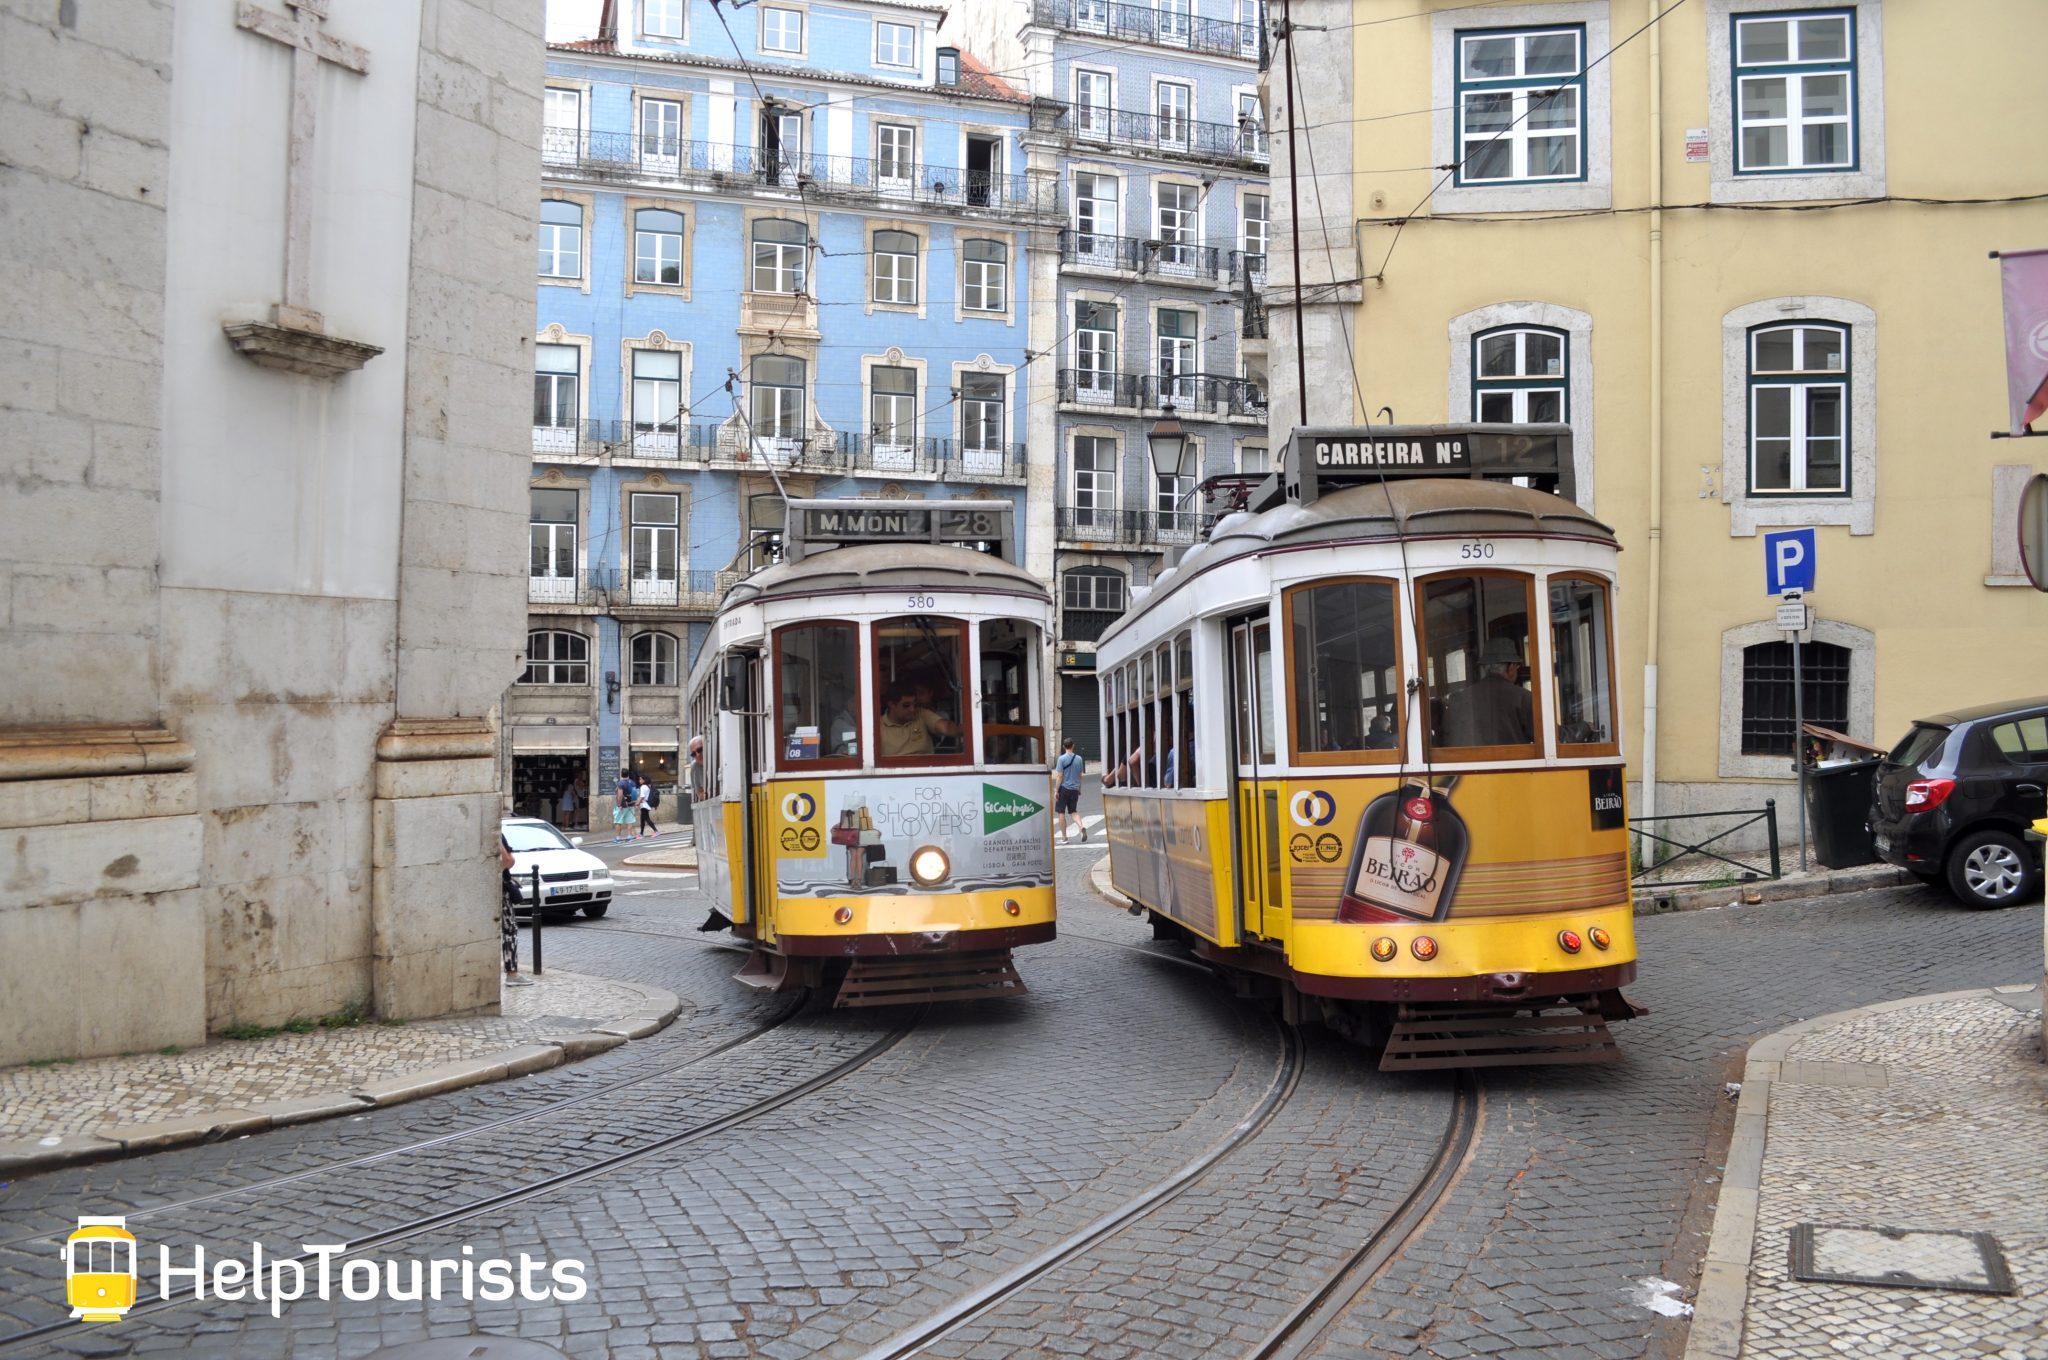 Lissabon Tram 28 Carreira